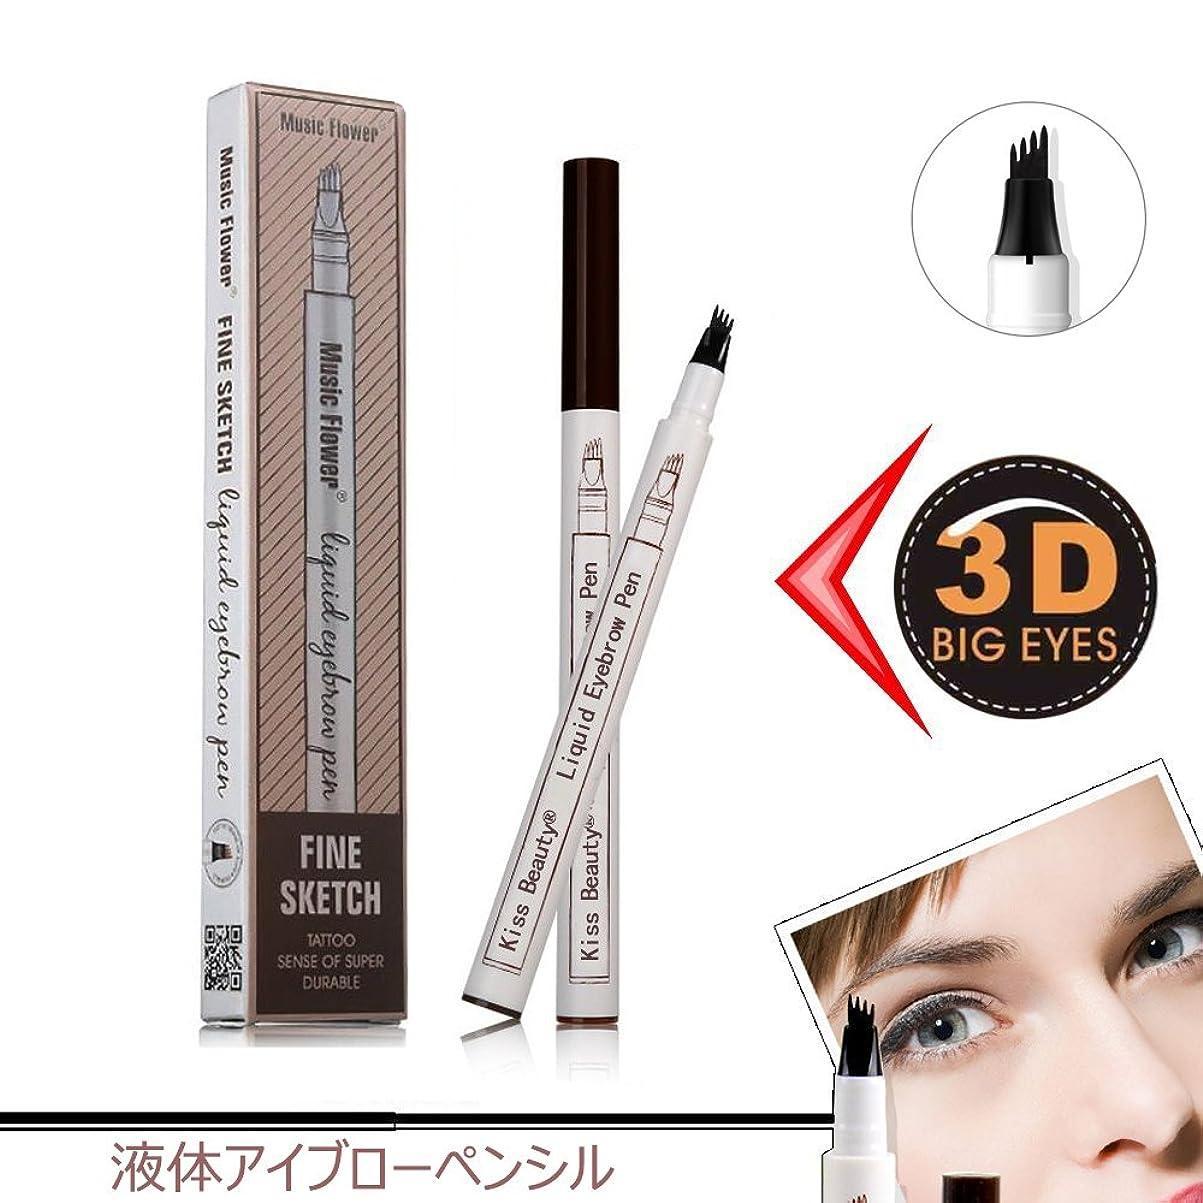 歩く民族主義素子最新 防水 耐汗性 4つのニブ タトゥー眉ペン 長持ちする眉毛ペン 液体 アイブロウペンシル 自然 3D アイブロウ 使用するのは簡単